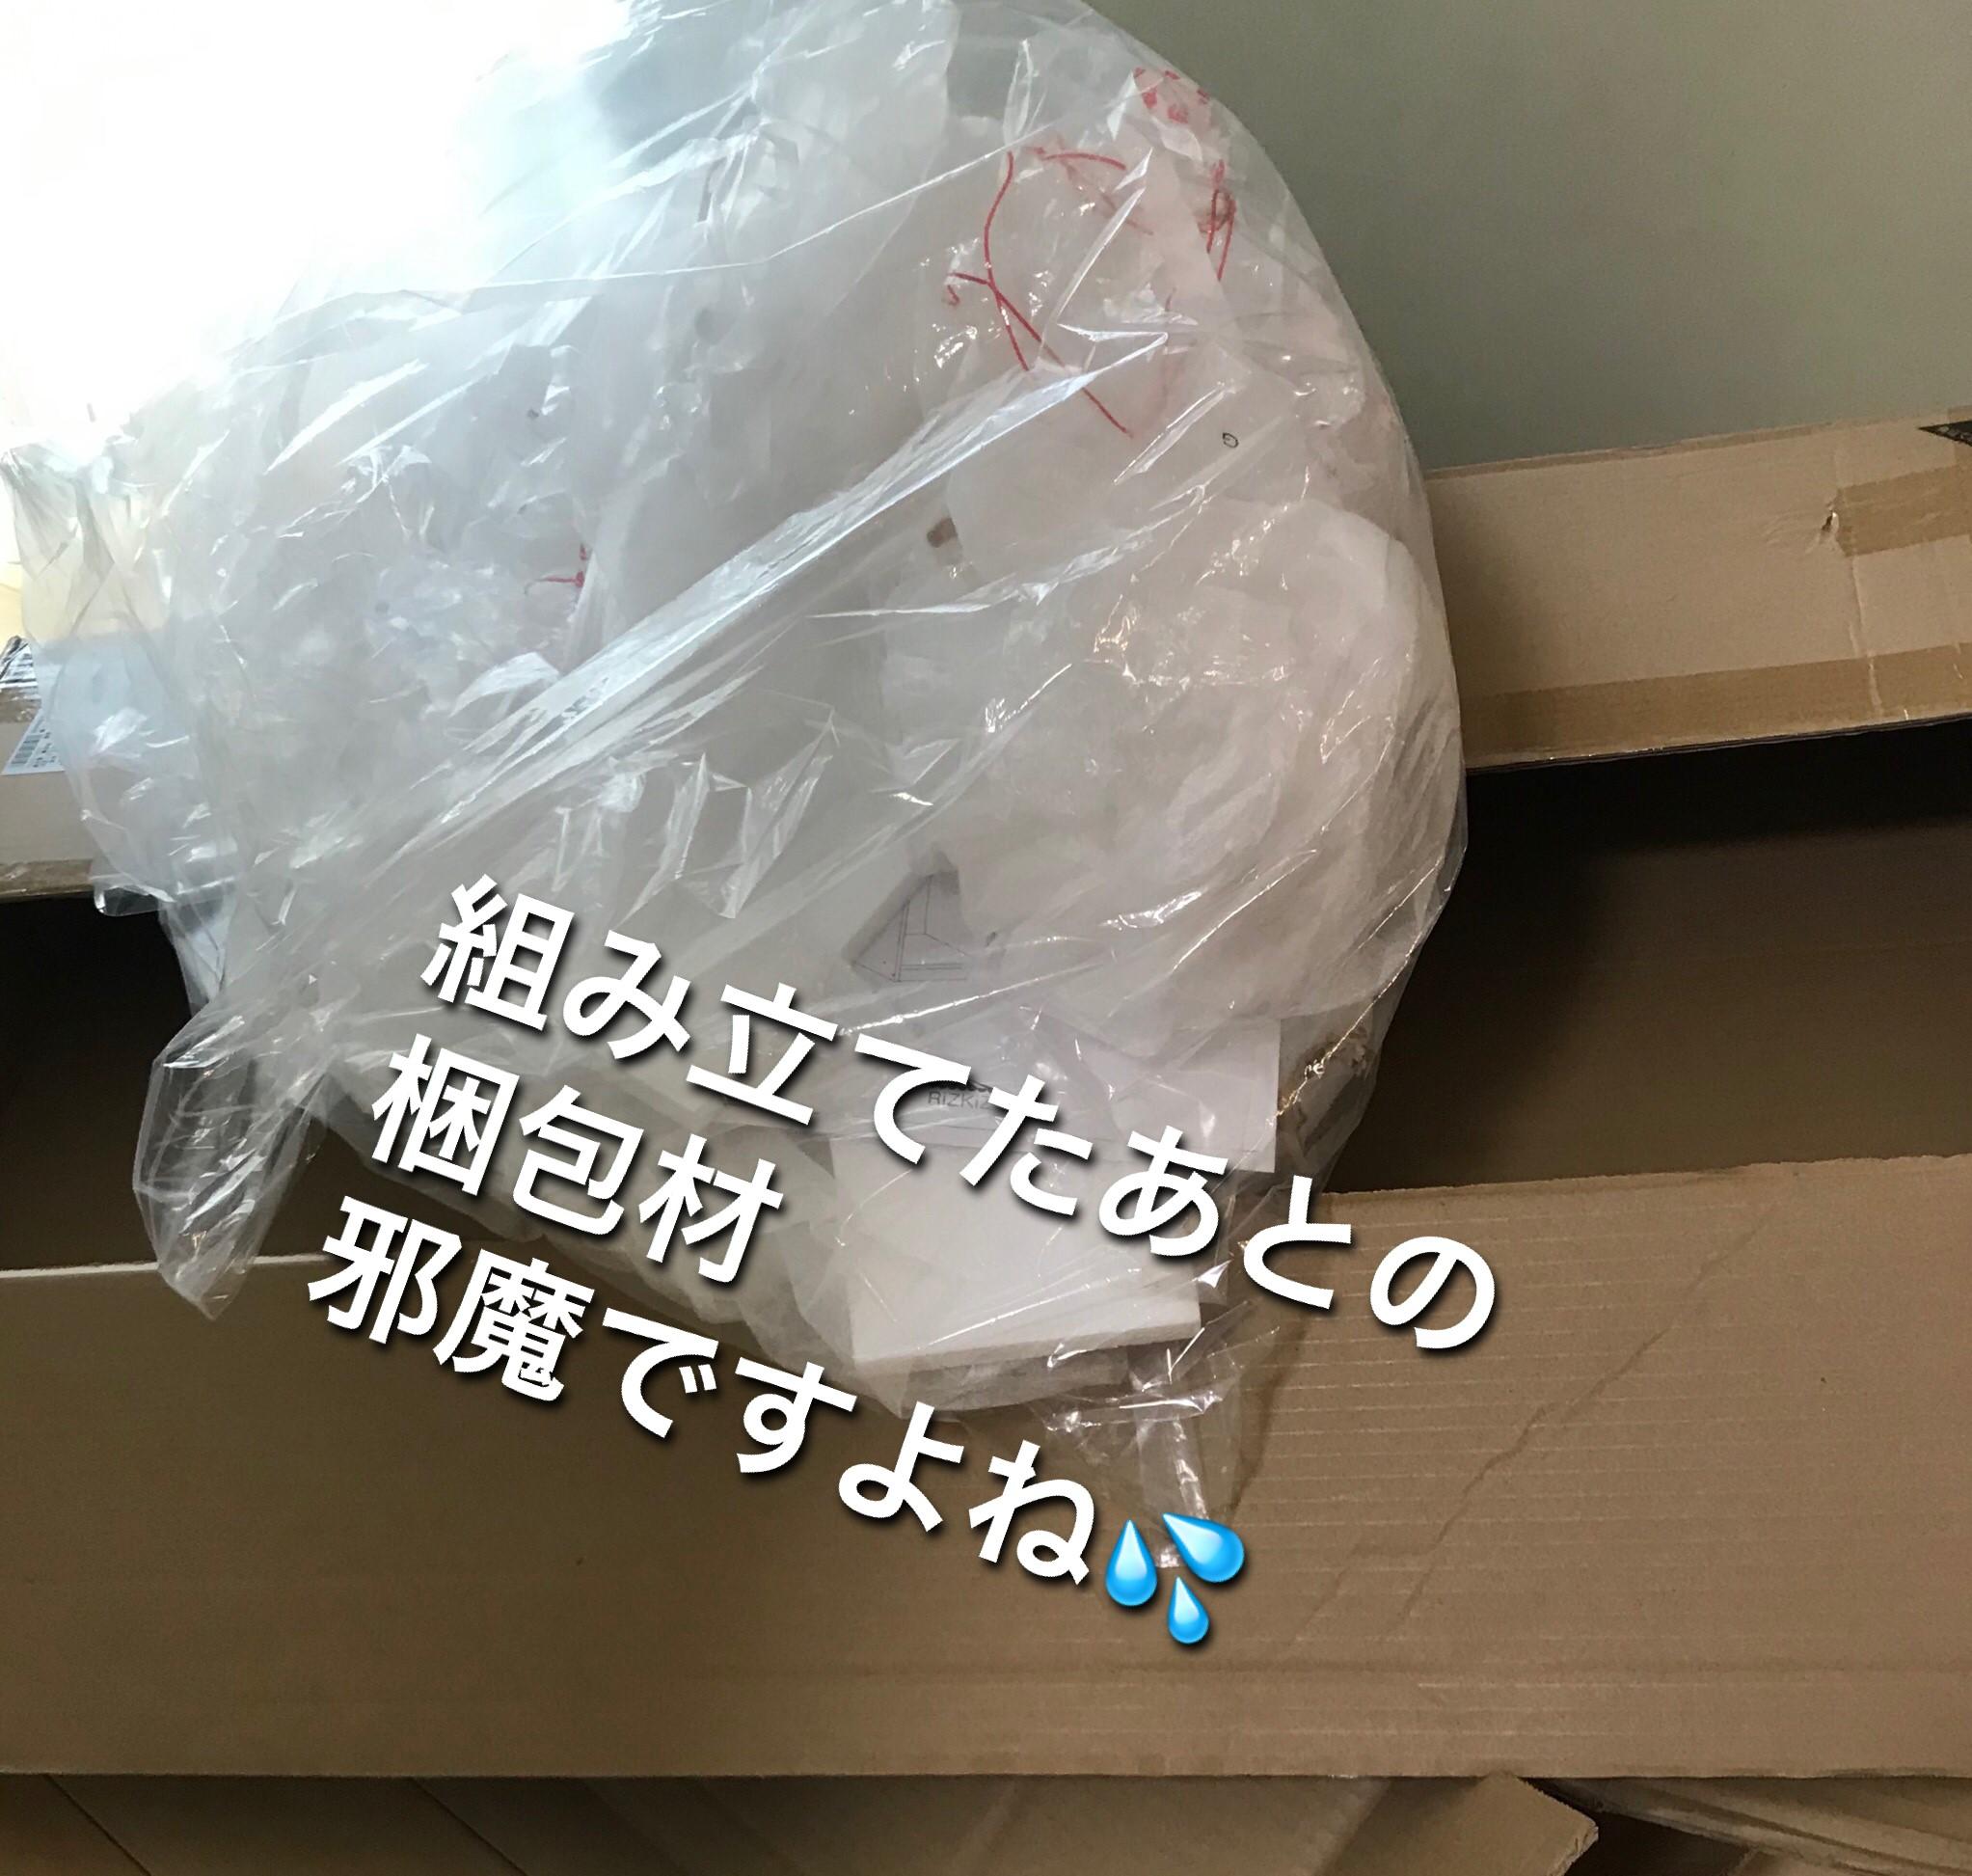 組み立て家具の梱包材